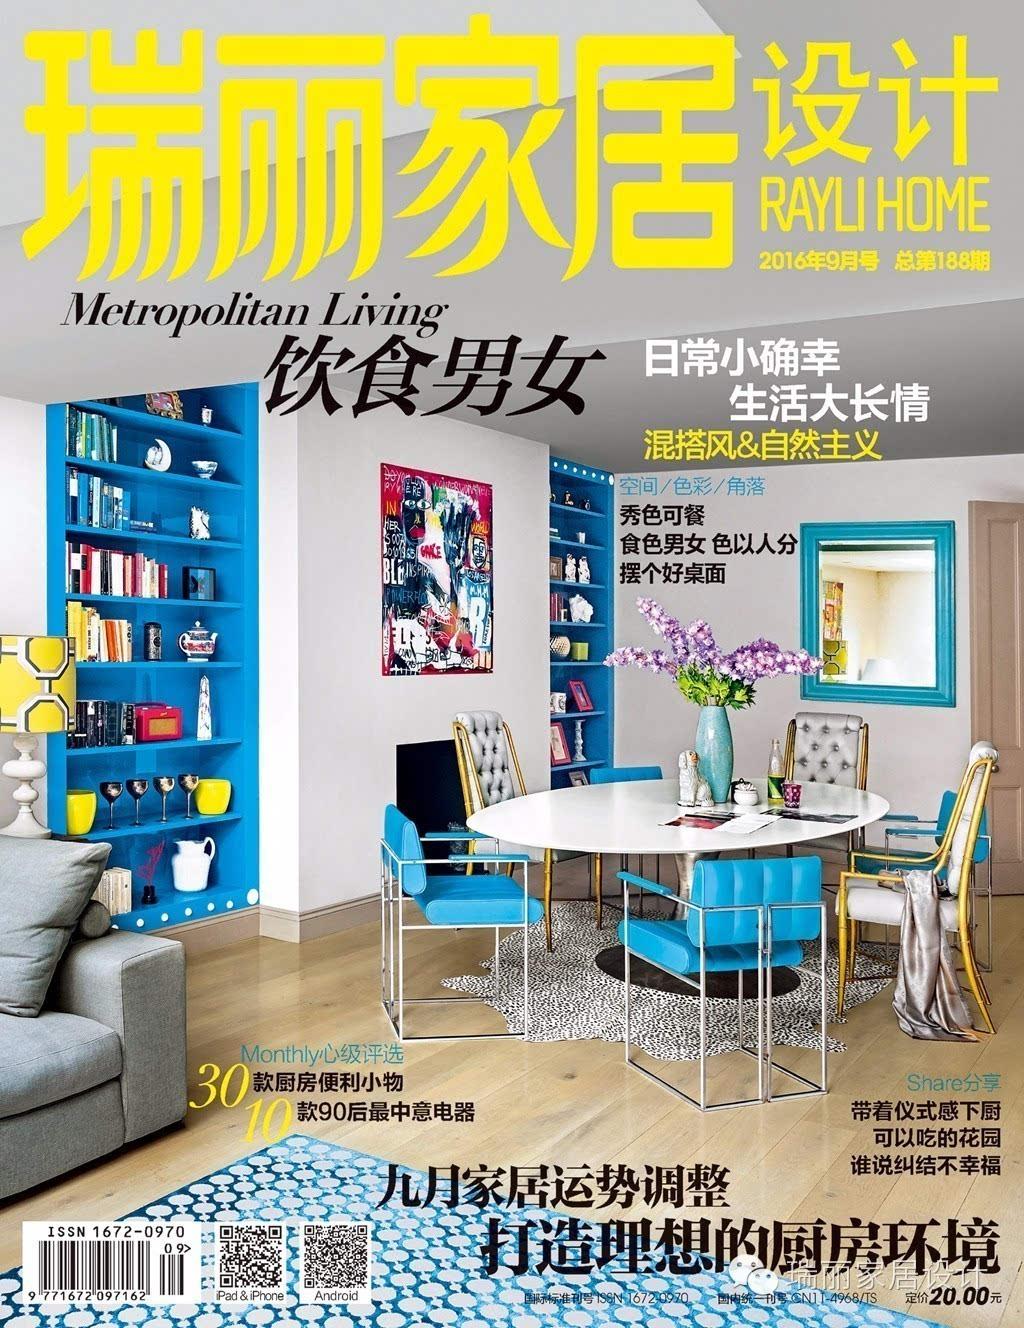 《瑞丽家居设计》2016年9月刊上市啦!图片